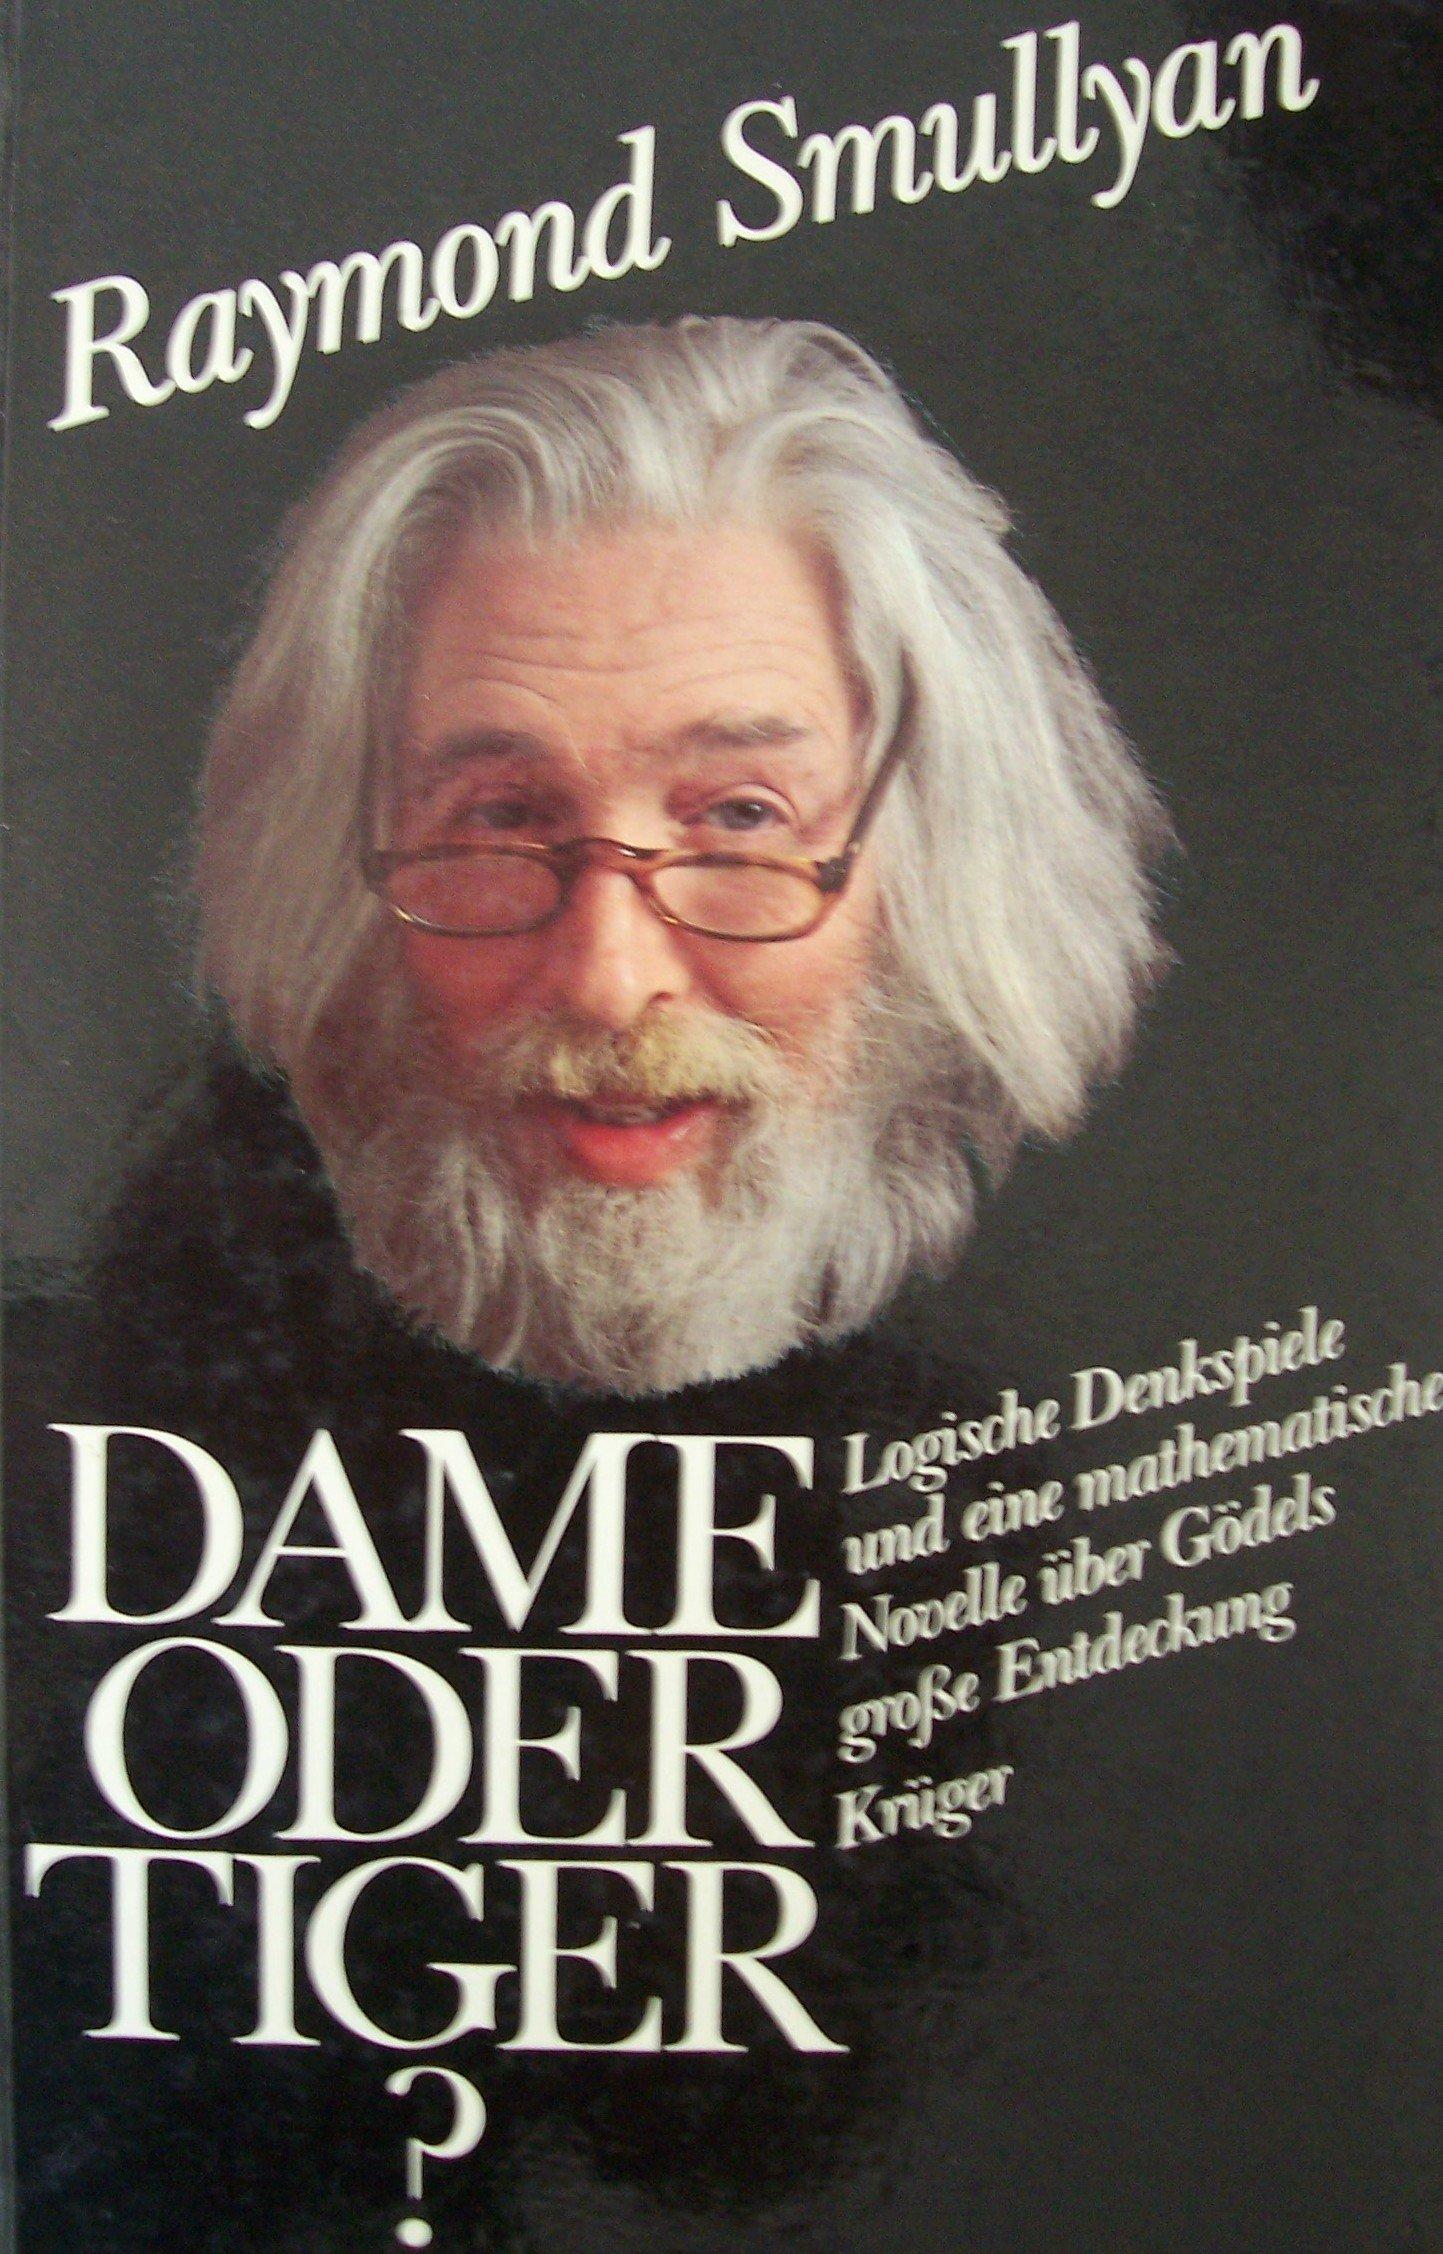 Dame oder Tiger? Logische Denkspiele und eine mathematische Novelle über Gödels große Entdeckung.